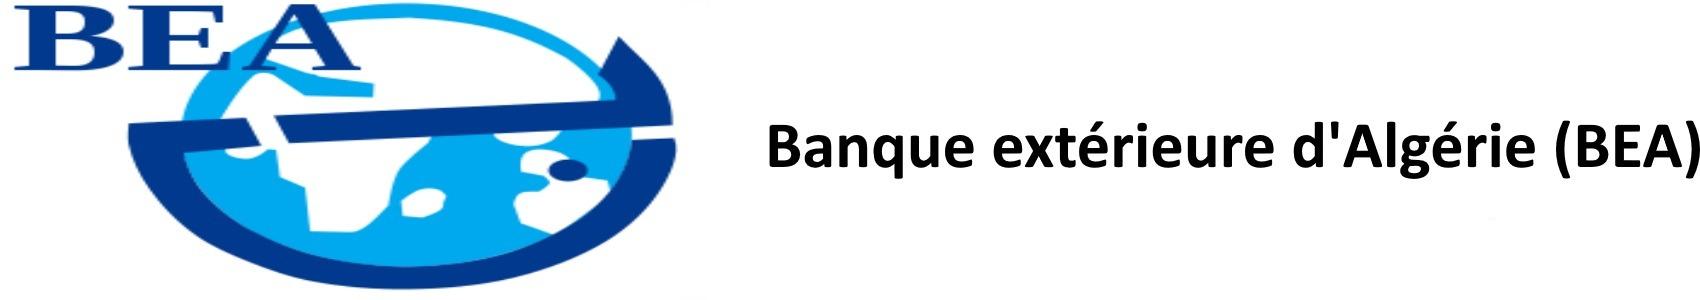 Banque extérieure d'Algérie (BEA)